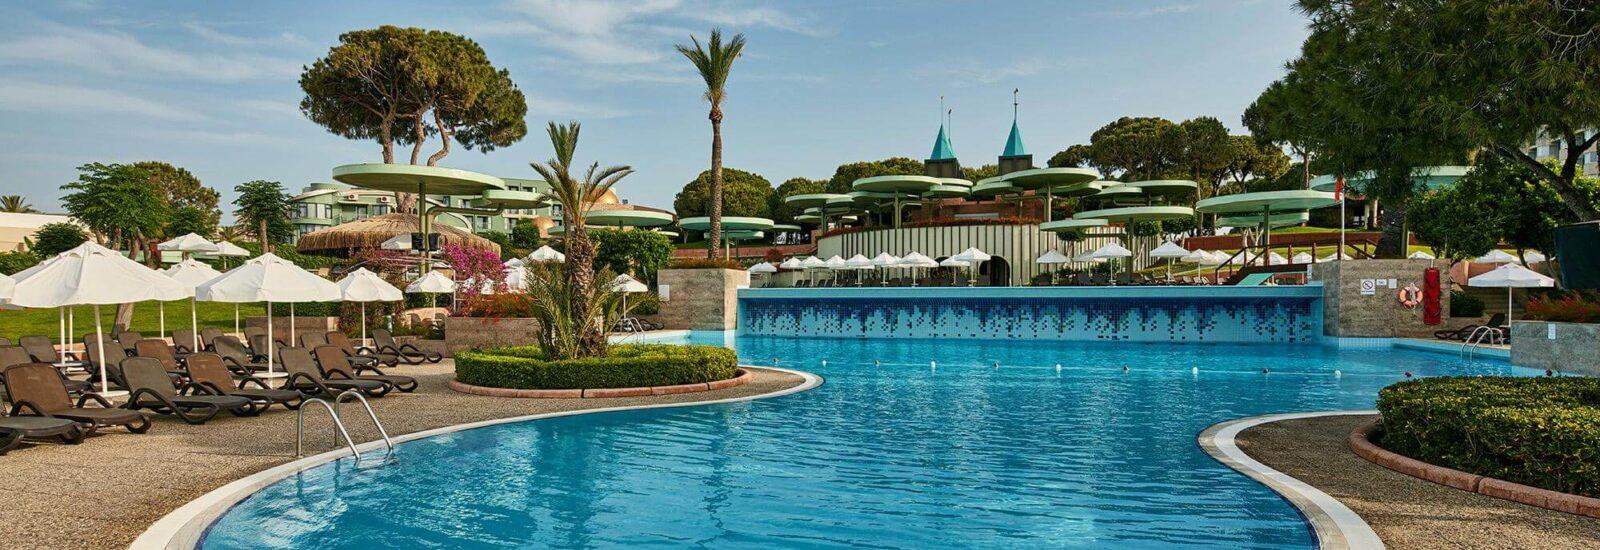 Gloria Verde Resort Main Pool